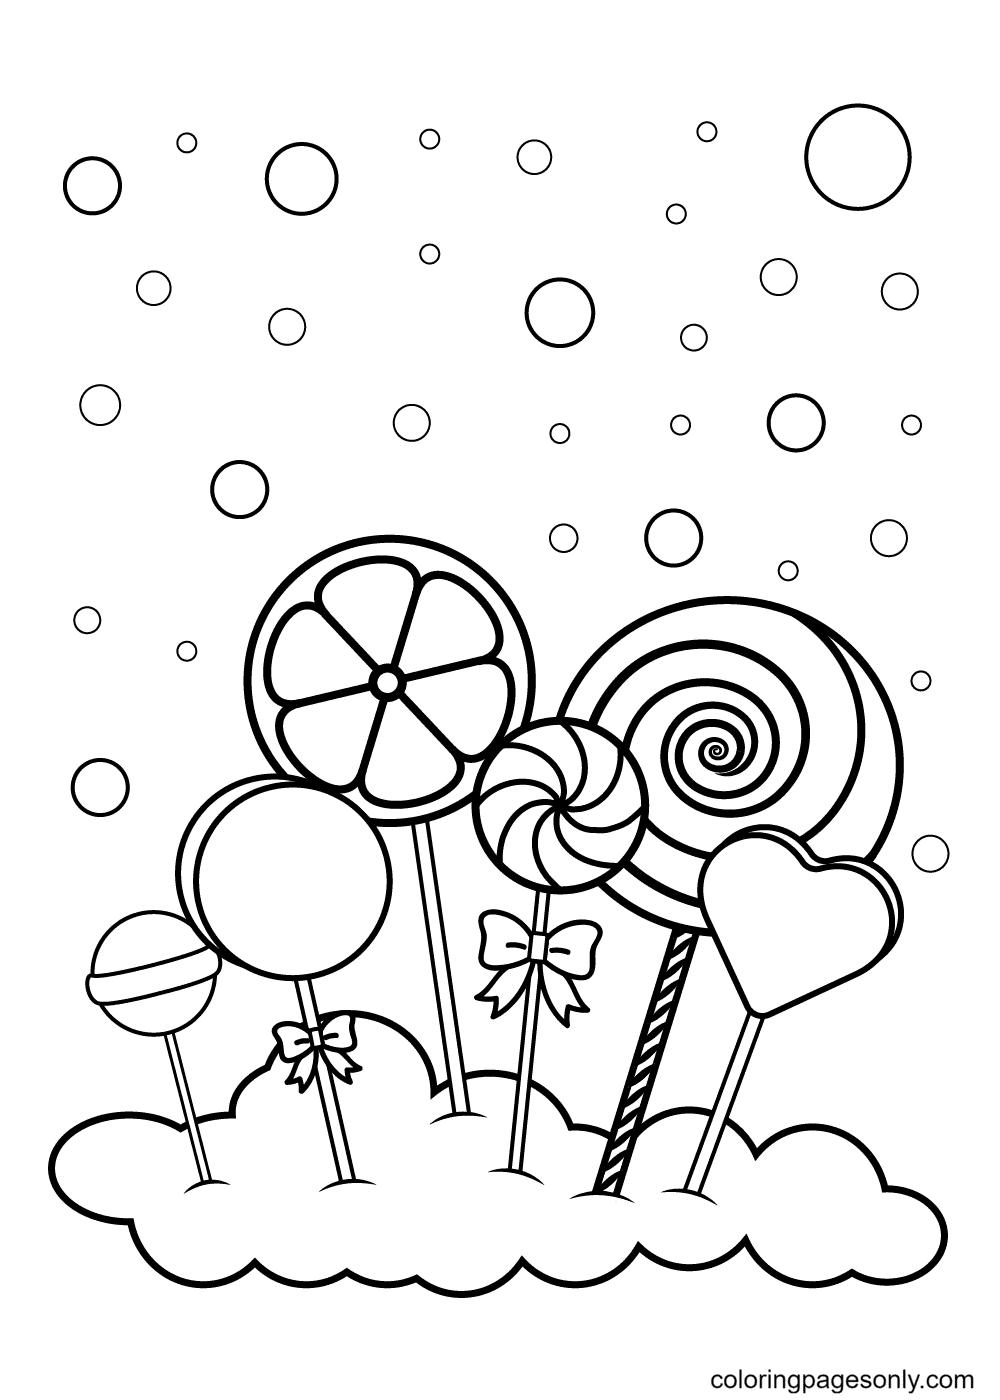 Lollipop Cloud Coloring Page